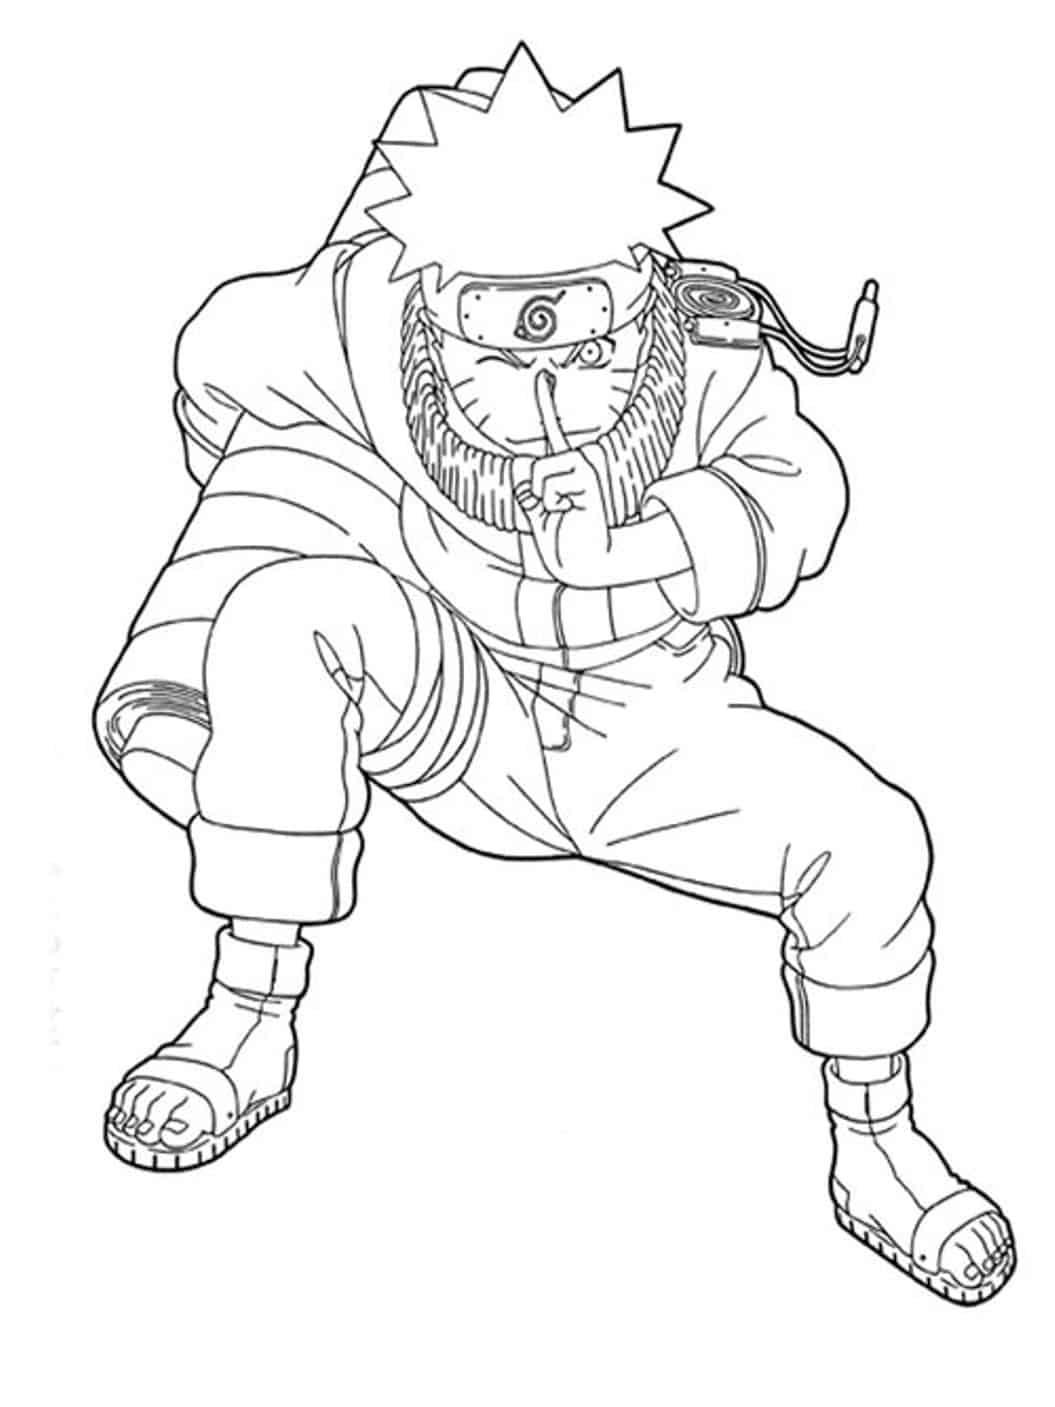 Desenhos Para Colorir Do Naruto 40 Opcoes Para Imprimir